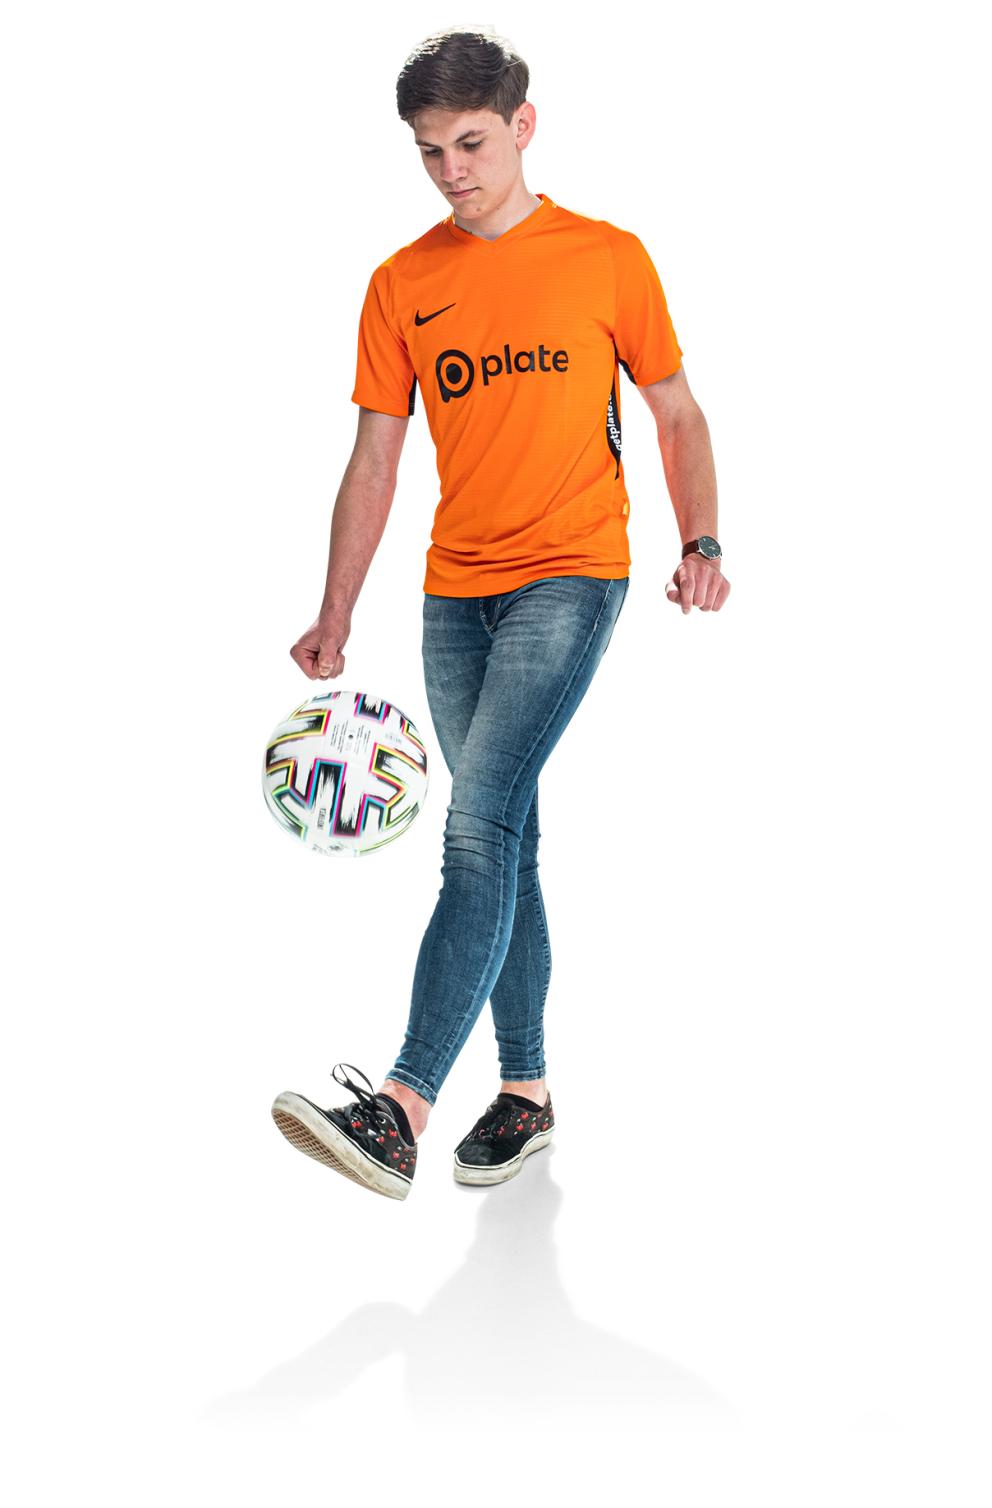 Plate team Veenendaal